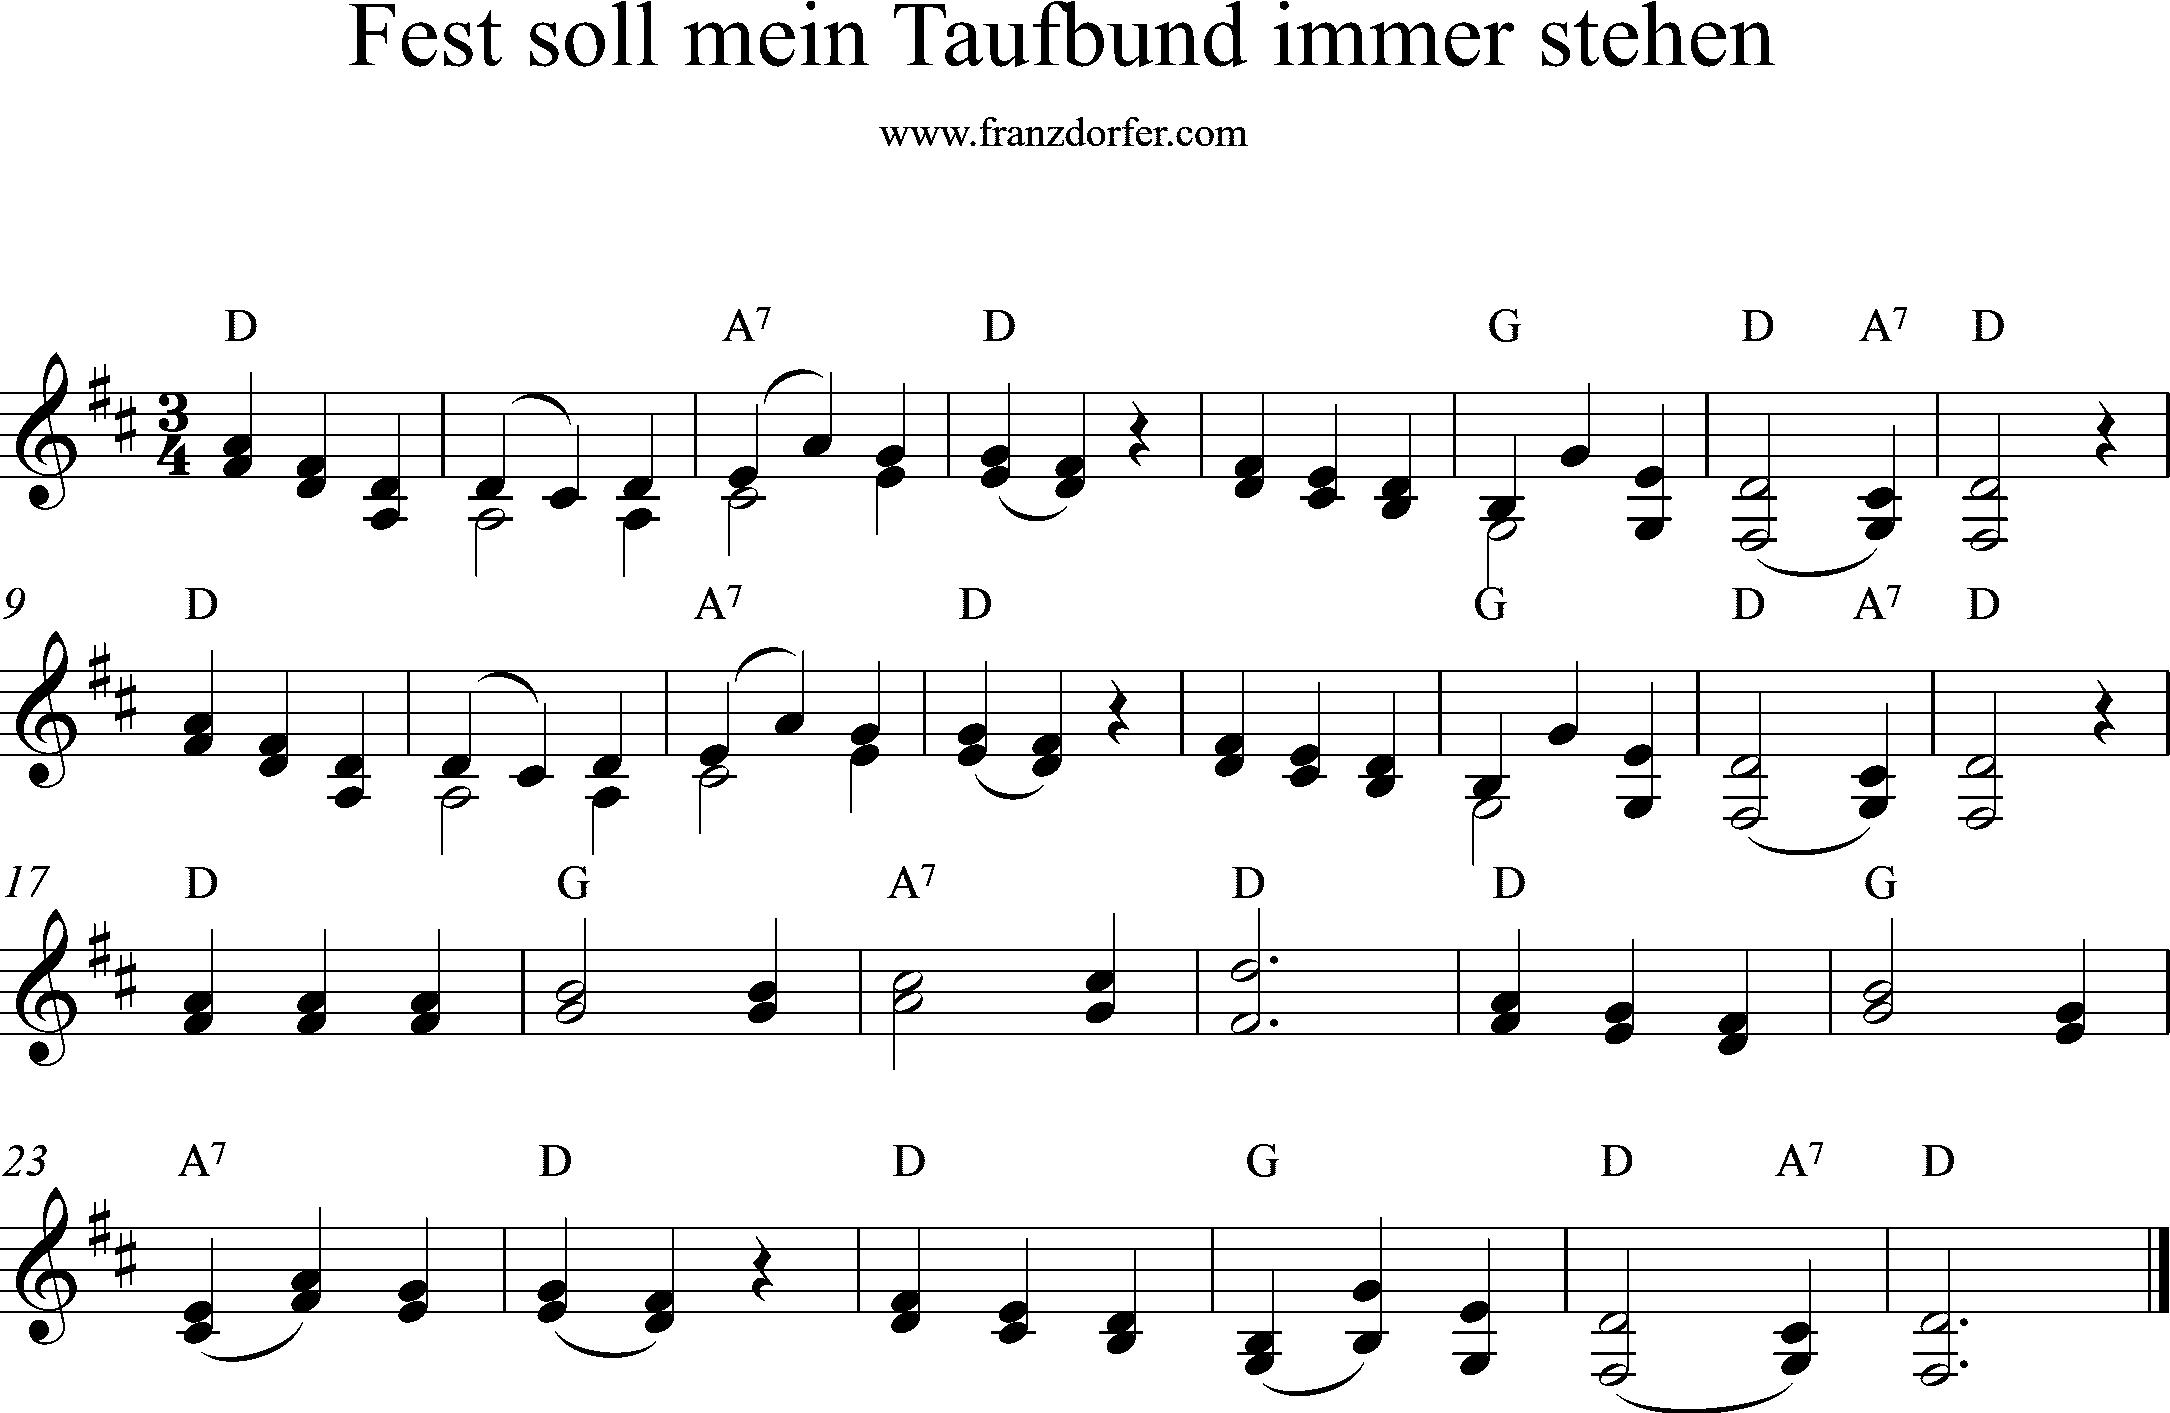 Fest Soll Mein Taufbund Immer Stehen Gotteslob Katholisch